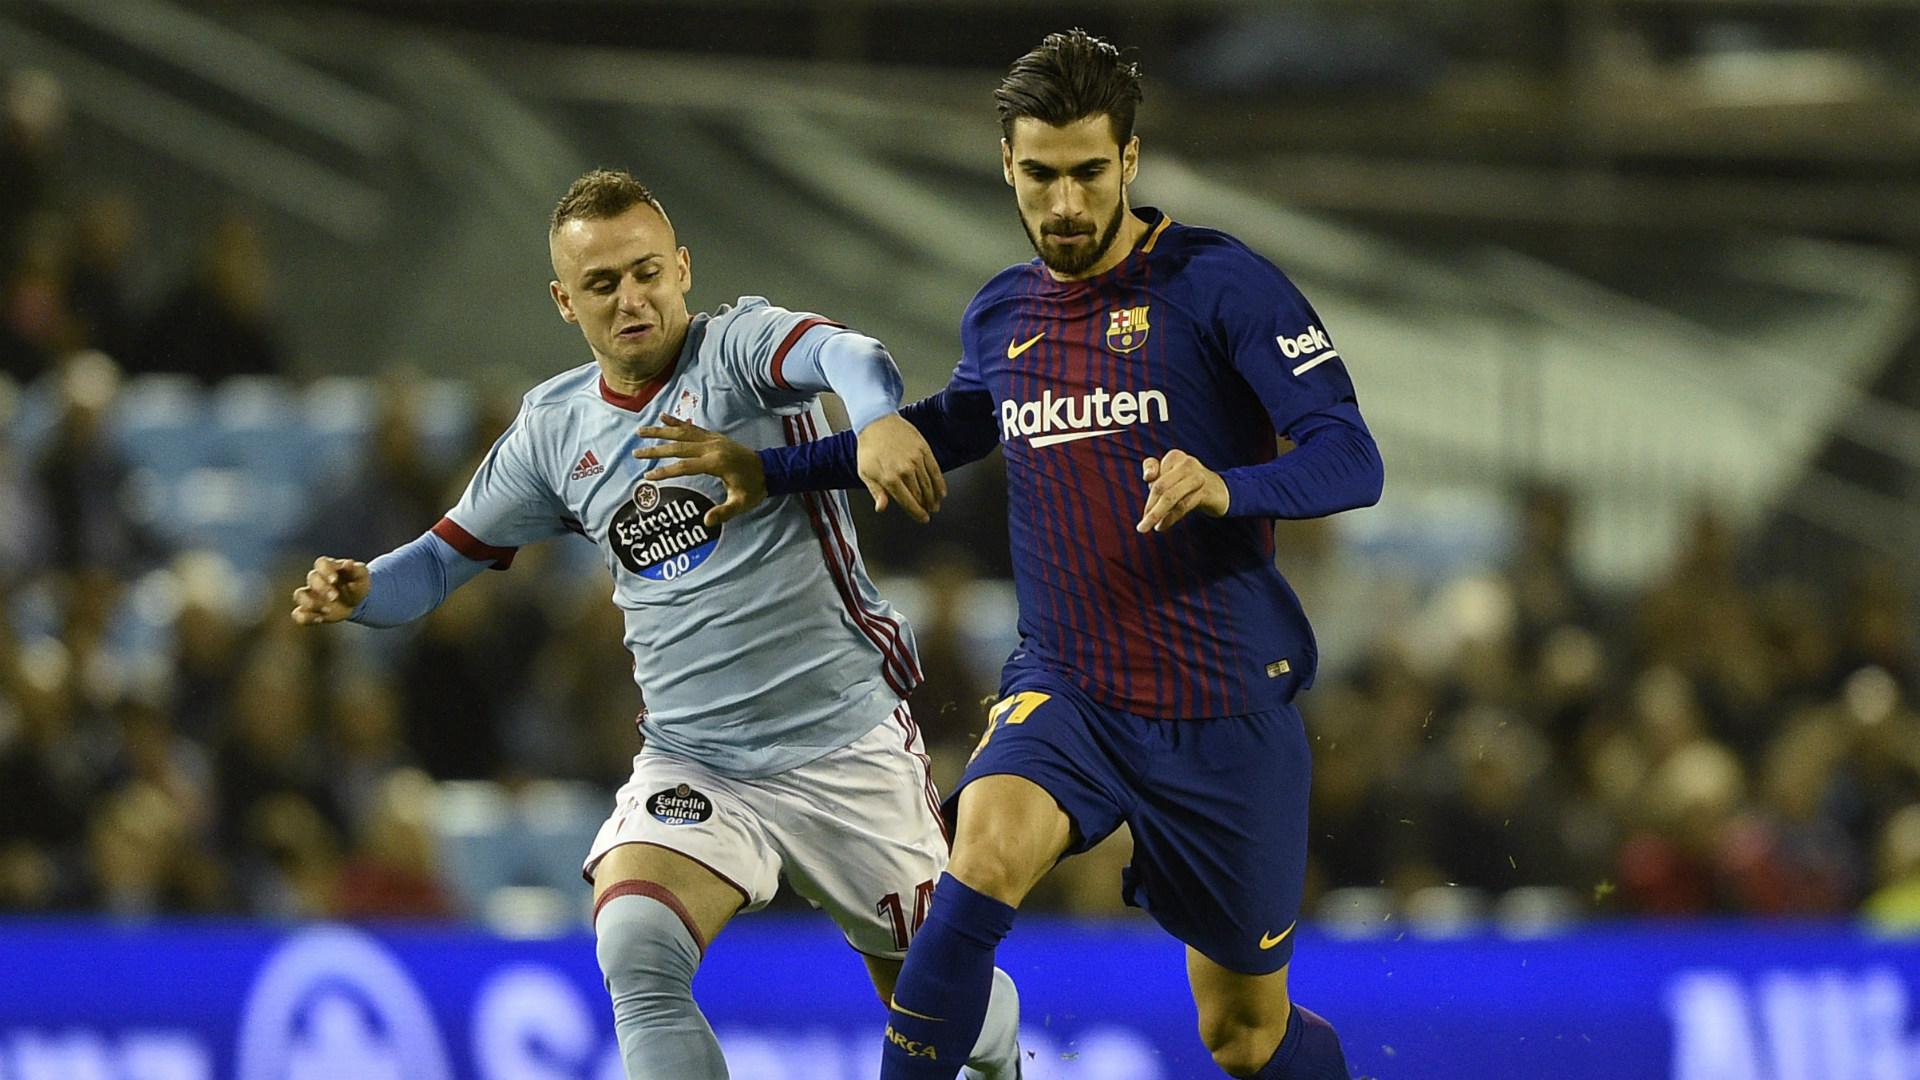 Lobotka Andre Gomes Celta de Vigo Barcelona Copa del Rey